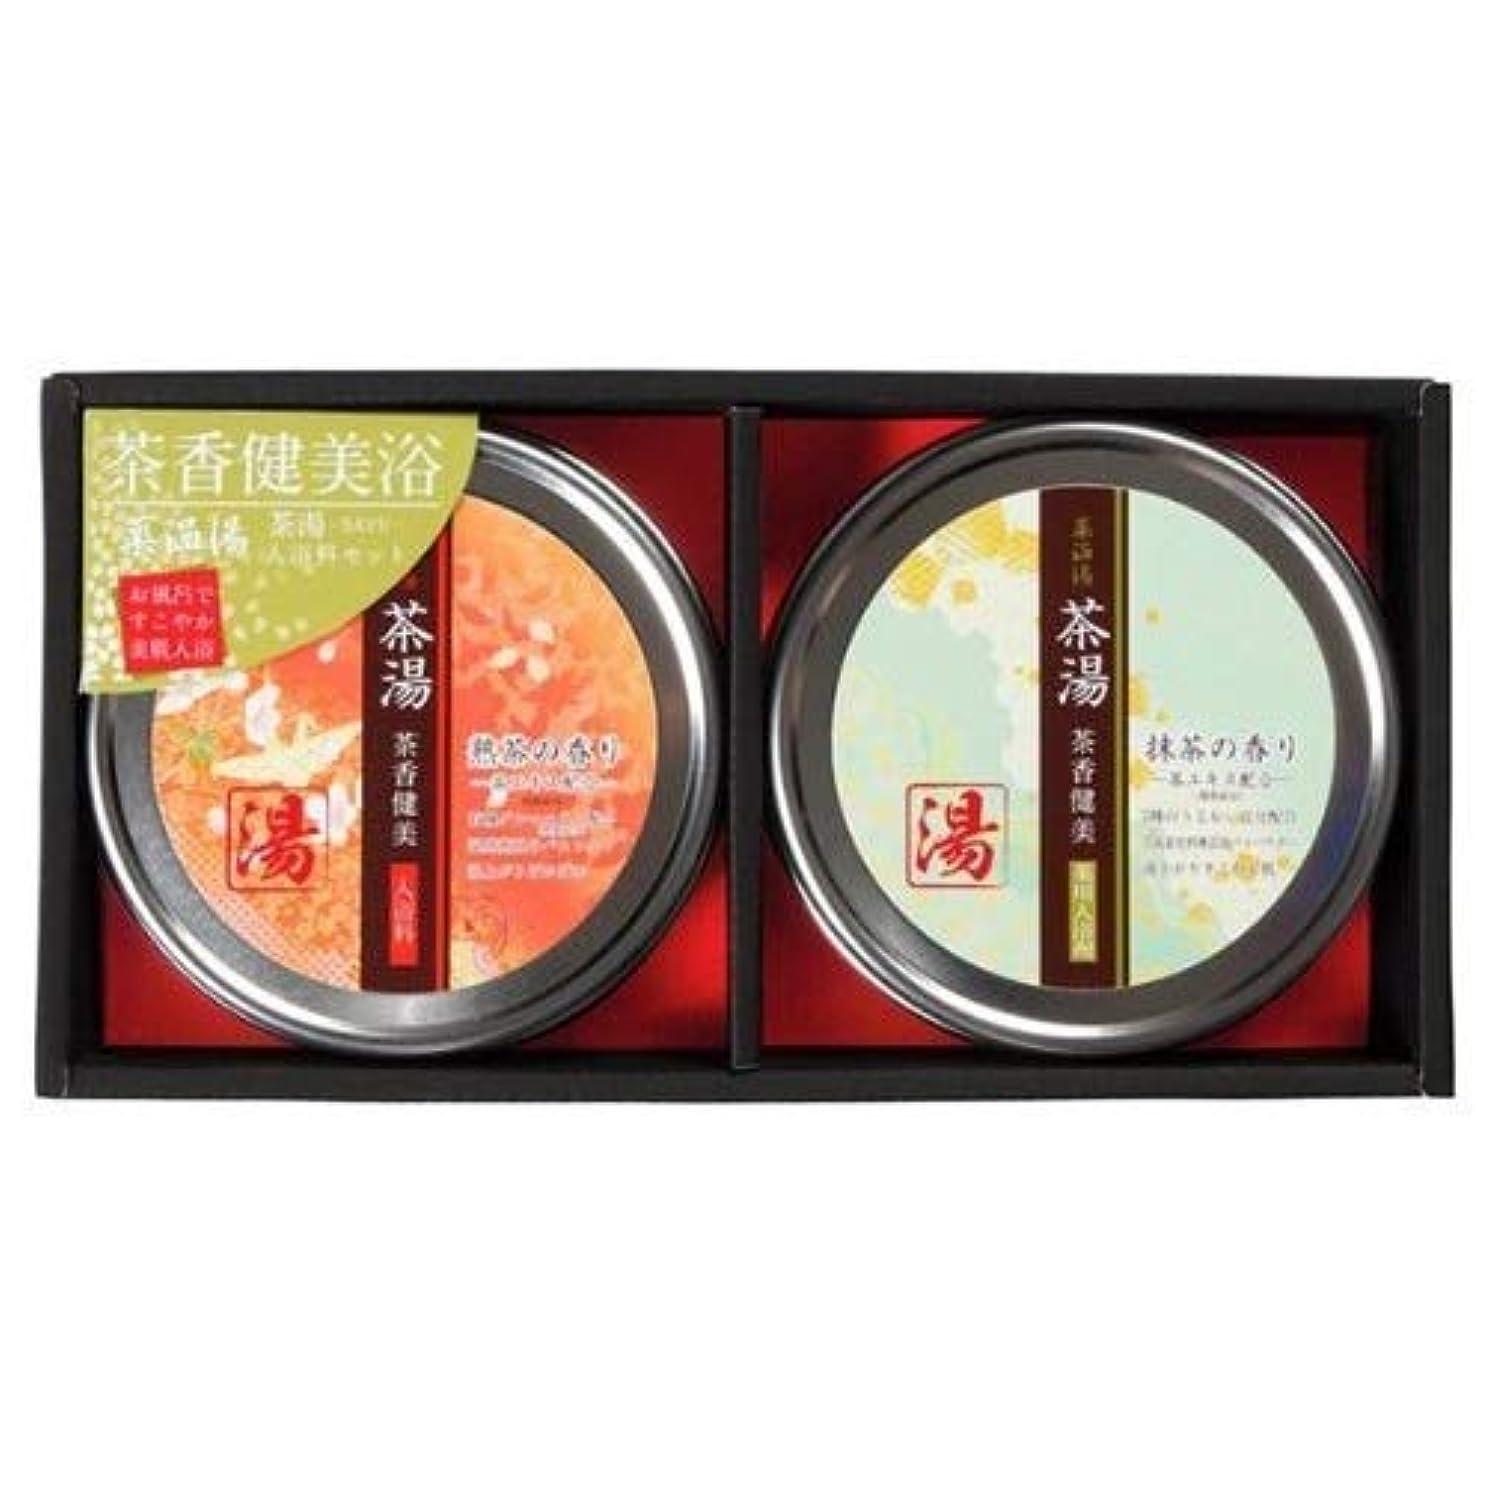 薬温湯 茶湯ギフトセット POF-20